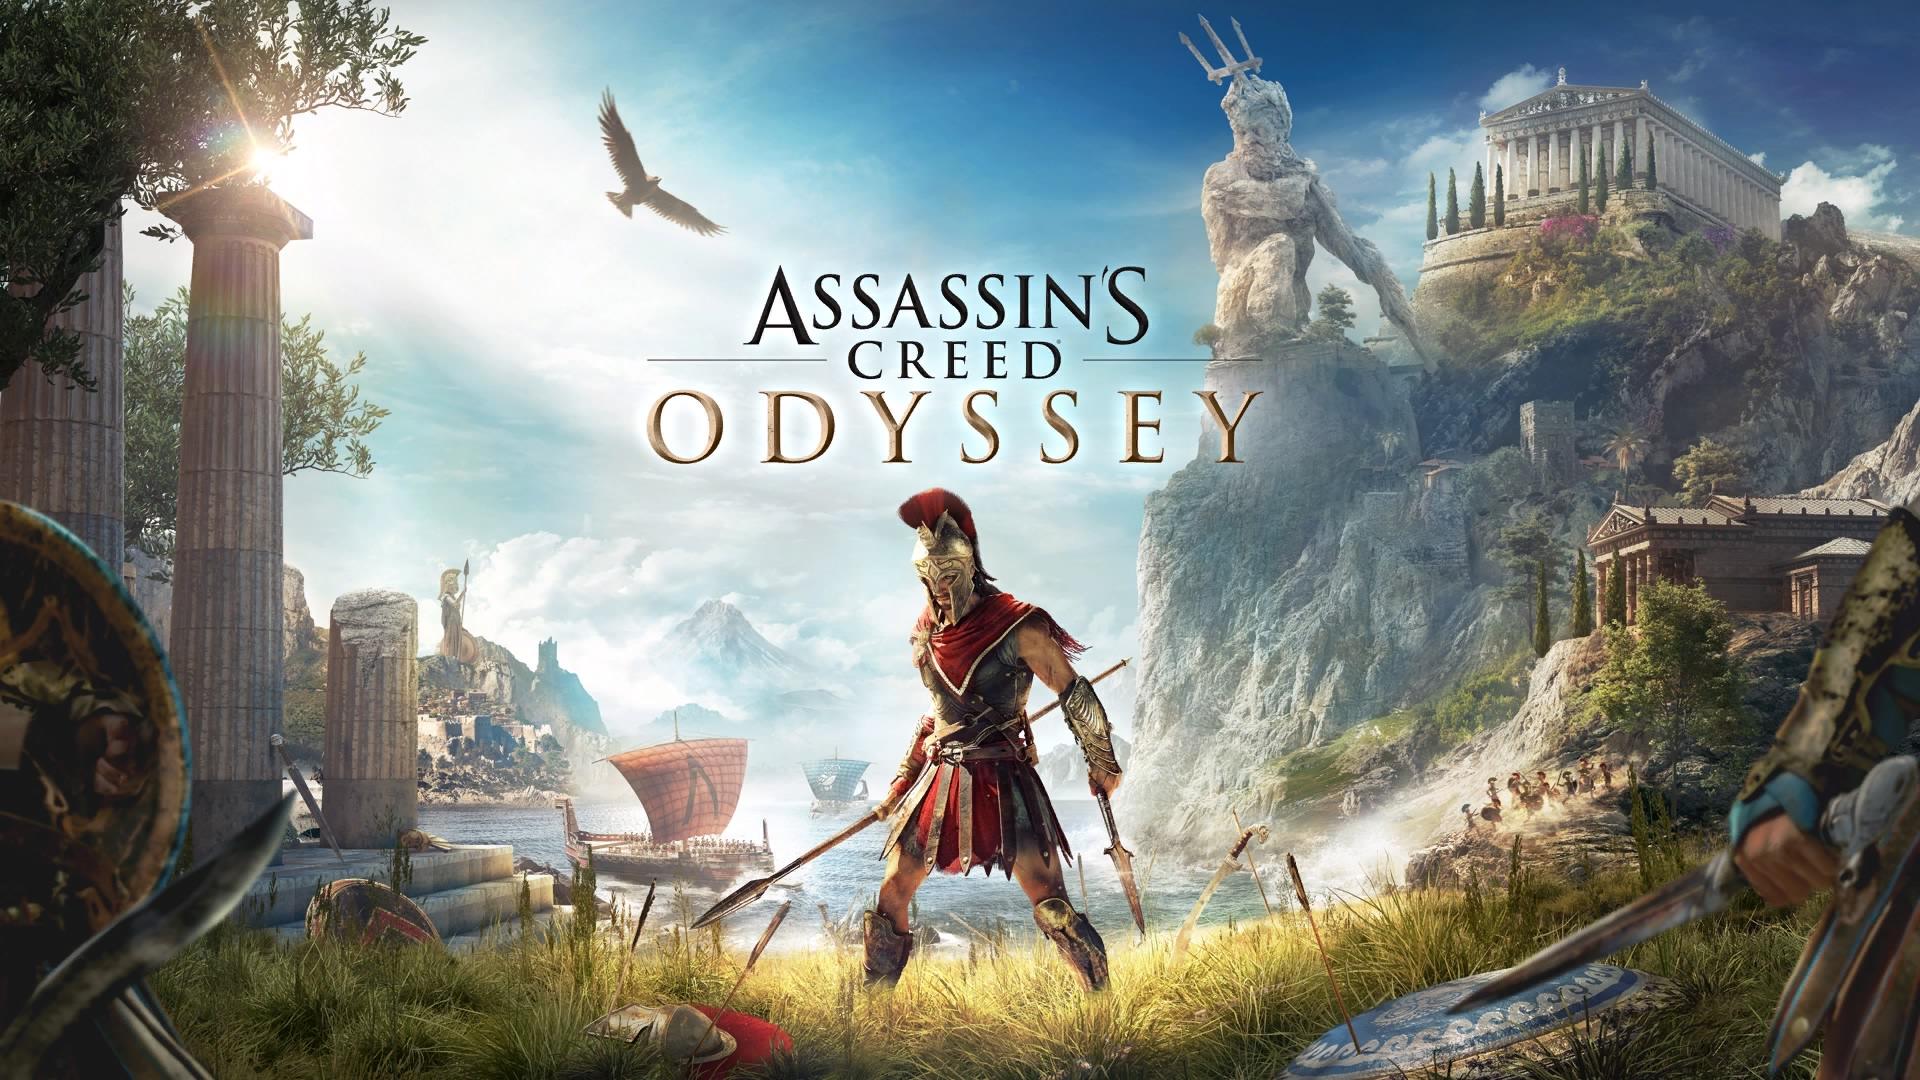 بهروزرسانی جدید بازی Assassin's Creed Odyssey مشکلات قبلی بازی را برطرف میکند